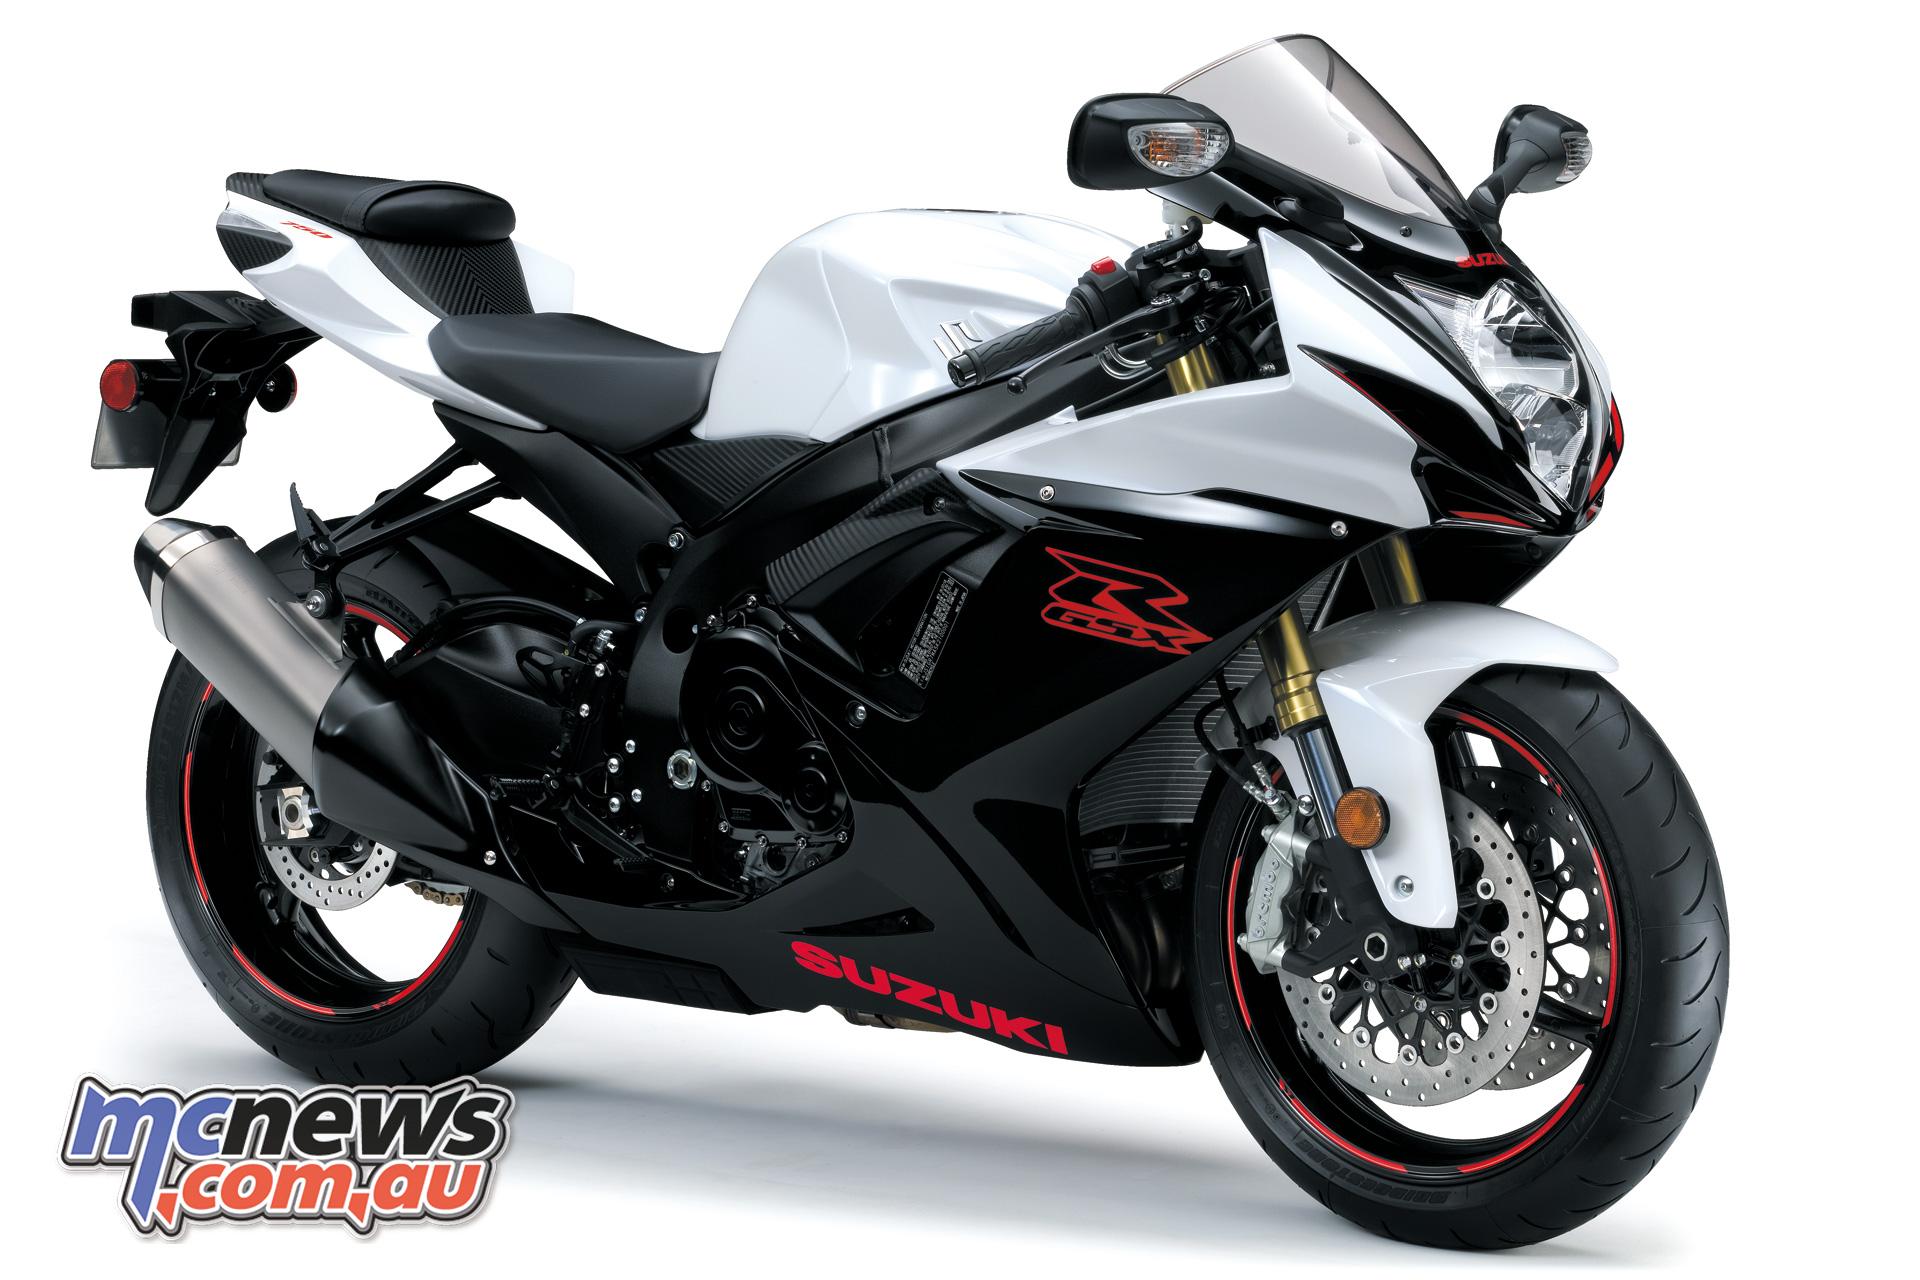 2019 Suzuki GSX-R750 | $13,990 Ride Away until June 30 | MCNews com au